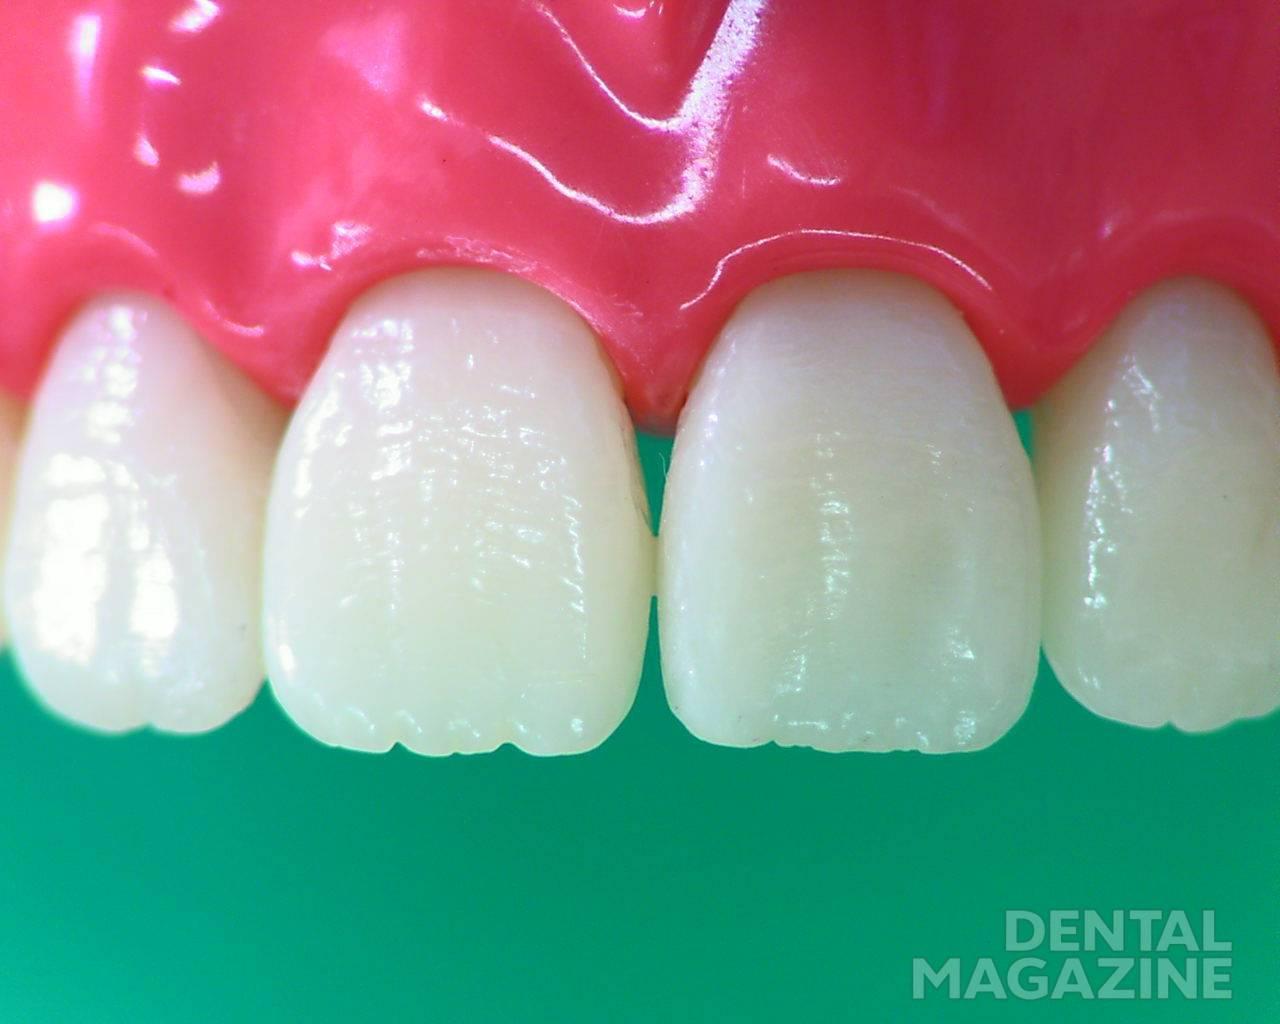 Рис. 1. Модель зубов верхней челюсти.